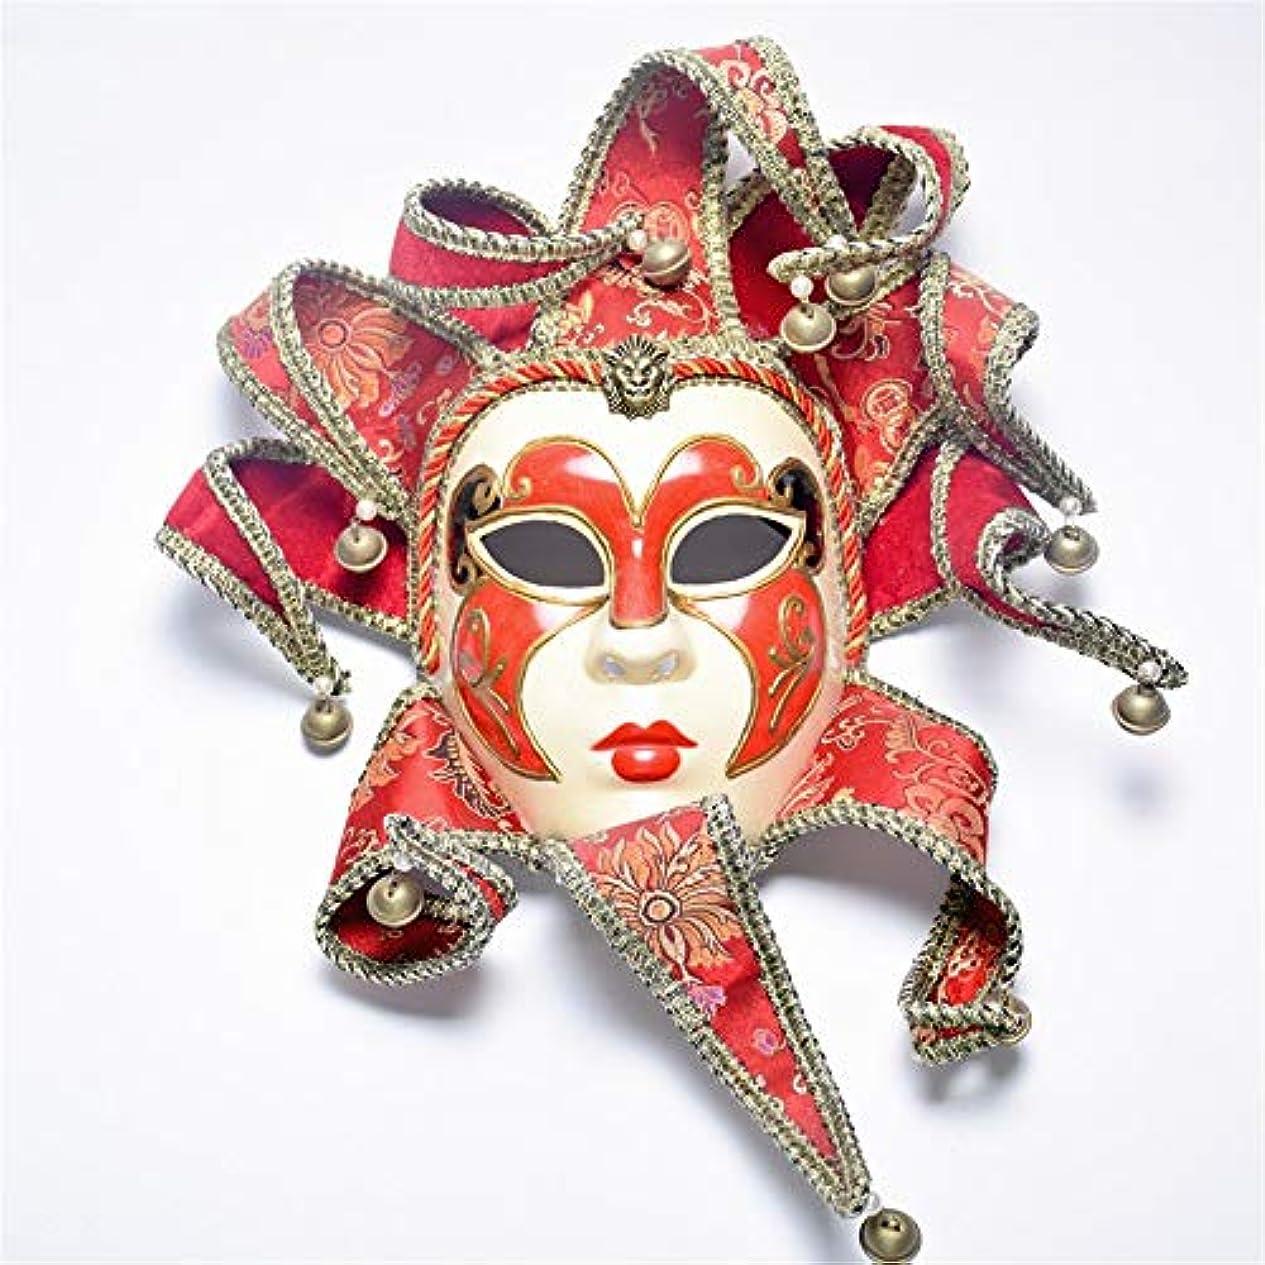 ブレーキ従事する血ダンスマスク フルフェイスマスク高級パーティーベルマスク女性マスククリスマスフェスティバルロールプレイングプラスチックマスク パーティーボールマスク (色 : 赤, サイズ : 49x29cm)